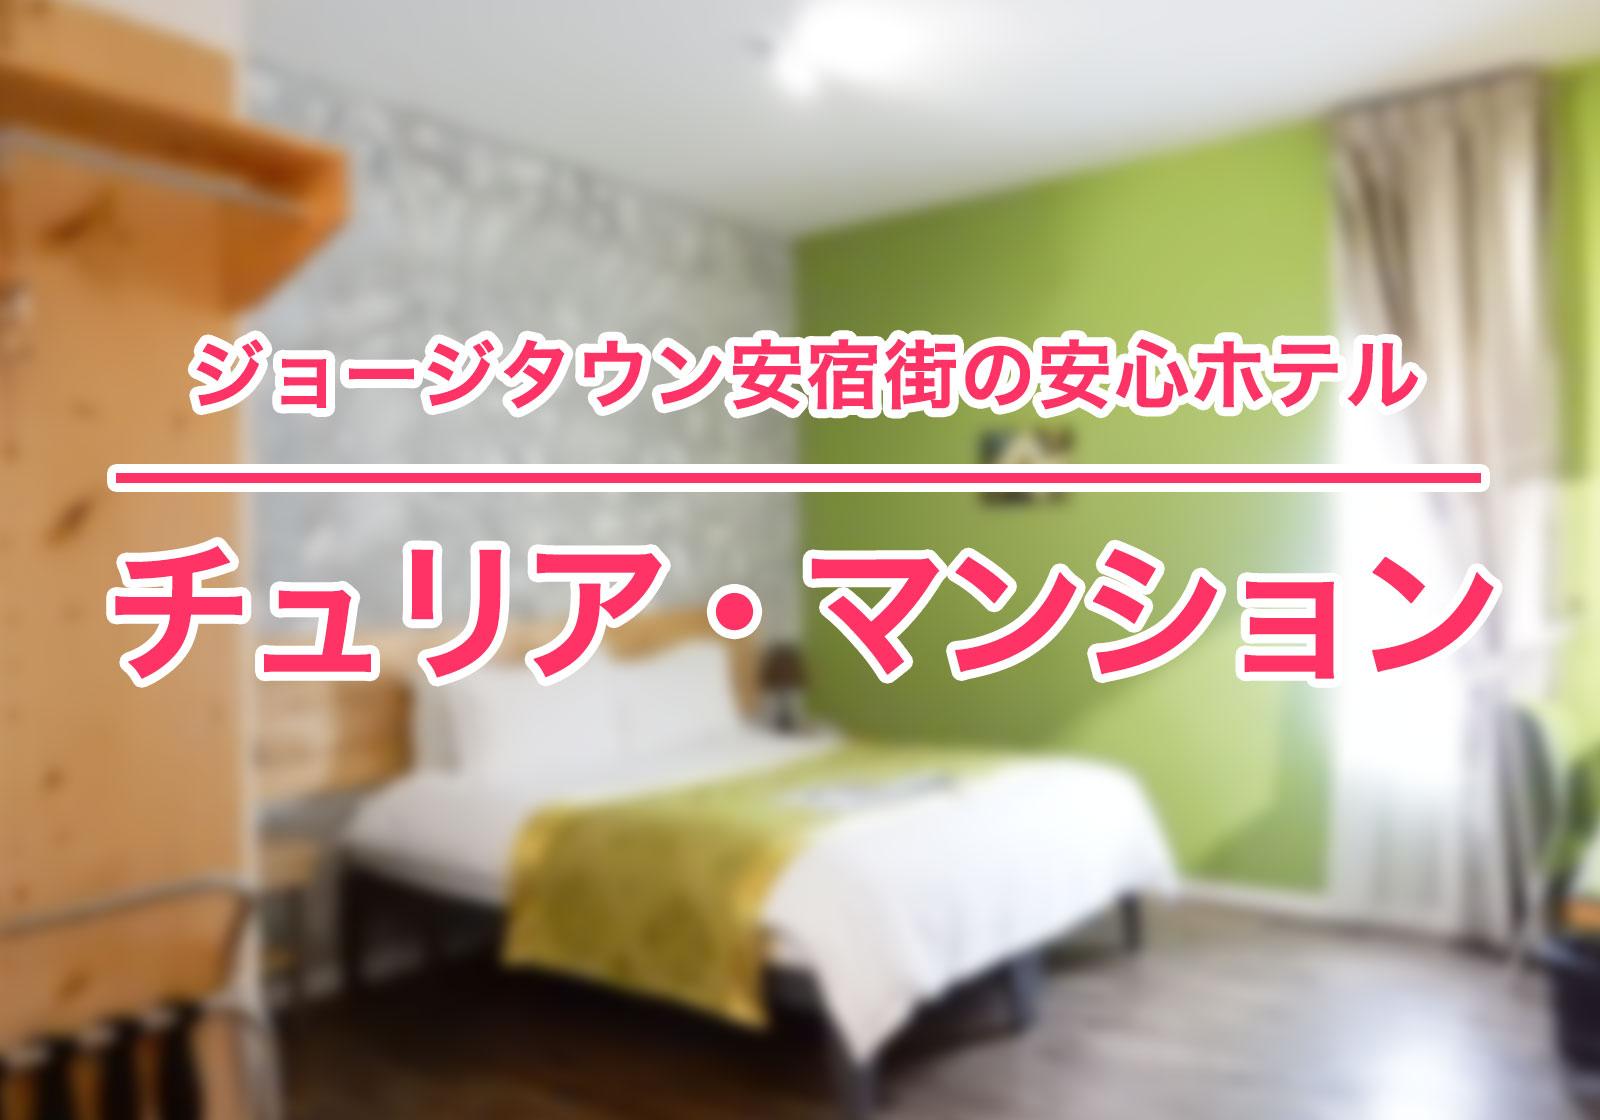 女性一人で安心快適😊ペナン島ジョージタウンのおすすめホテル・チュリアマンション(Chulia Mansion)3600円/泊